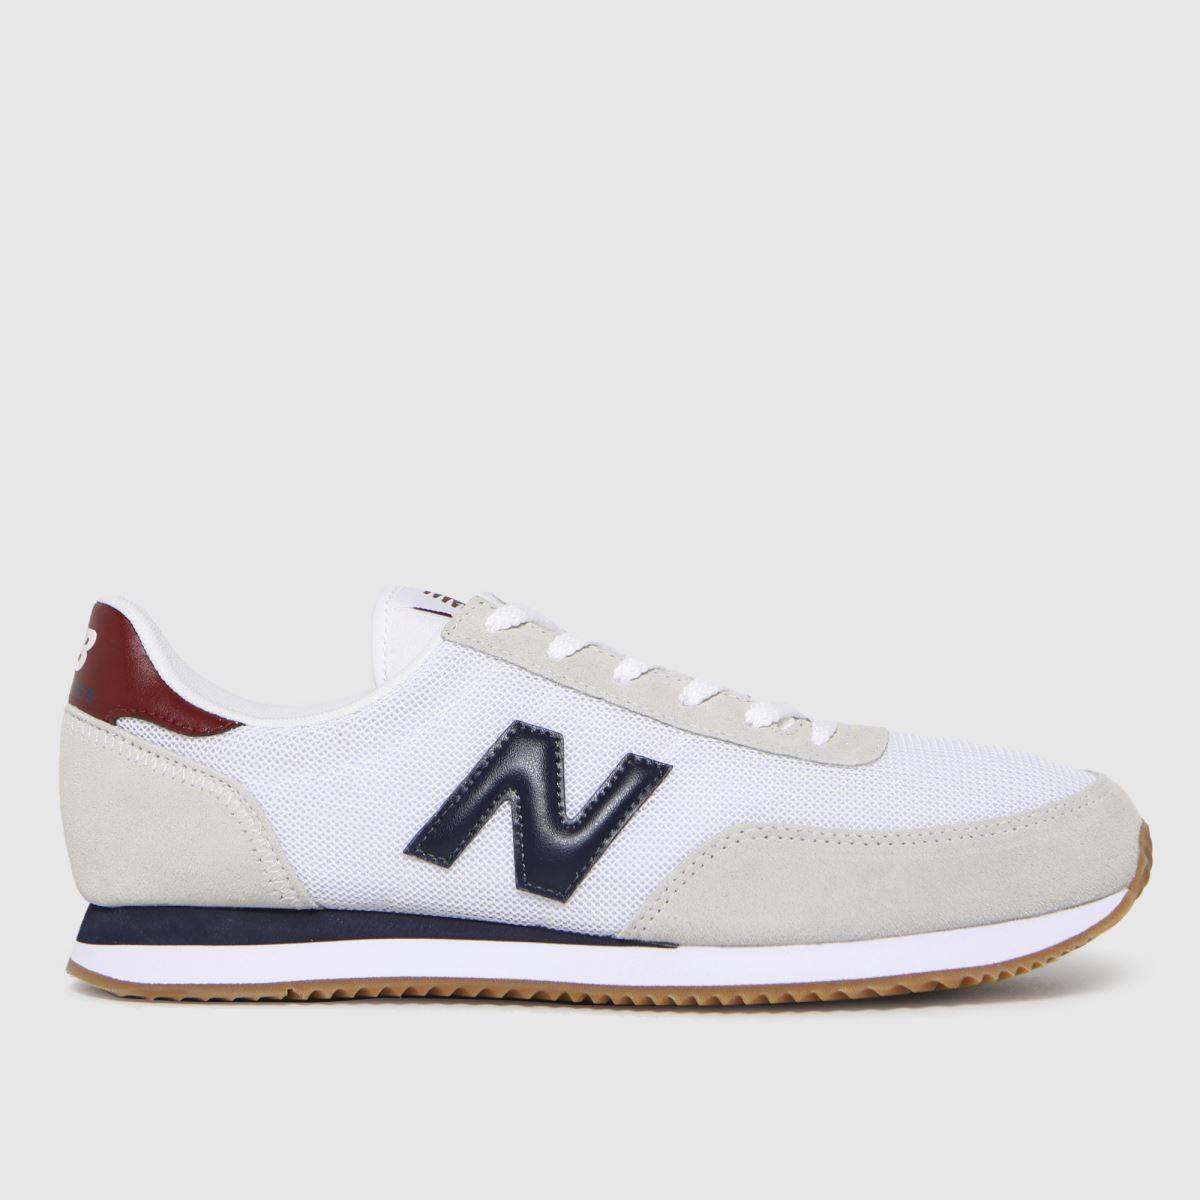 New Balance White 720 Trainers